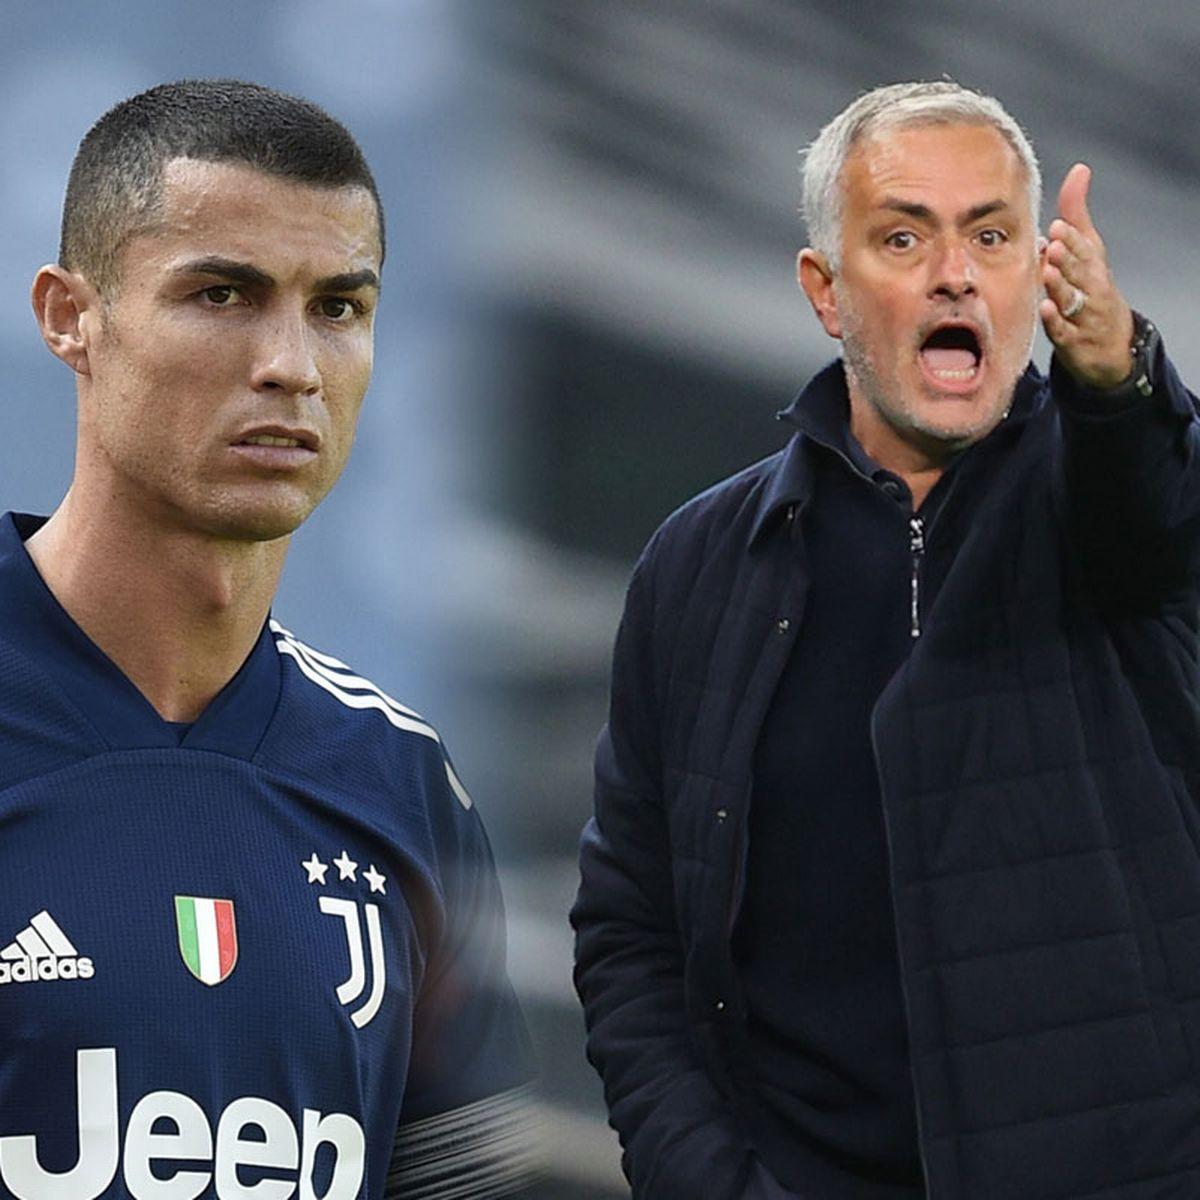 Mourinho cho rằng việc Ronaldo rời Juventus để trở lại Man Utd là tốt cho cả ba bên. Ảnh: Mirror